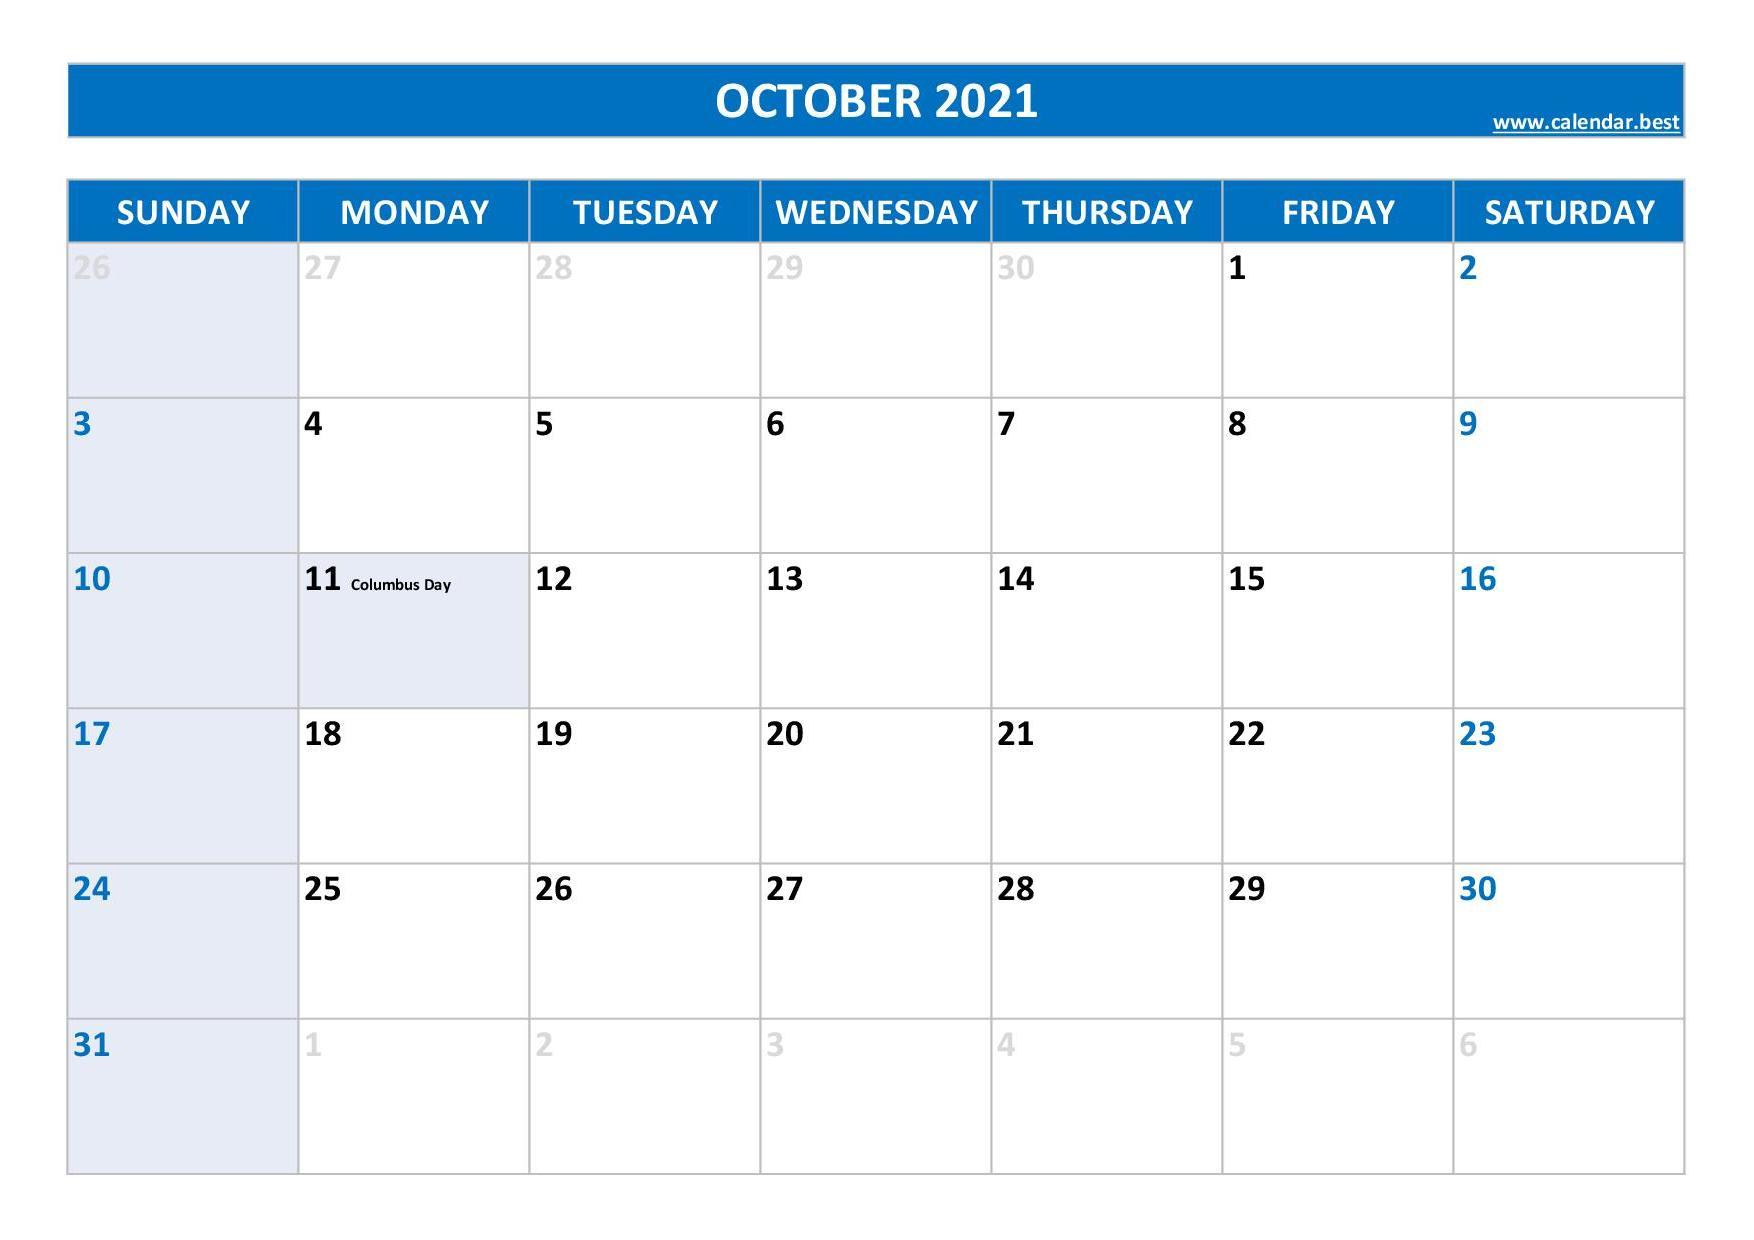 October 2021 Calendar -Calendar.best